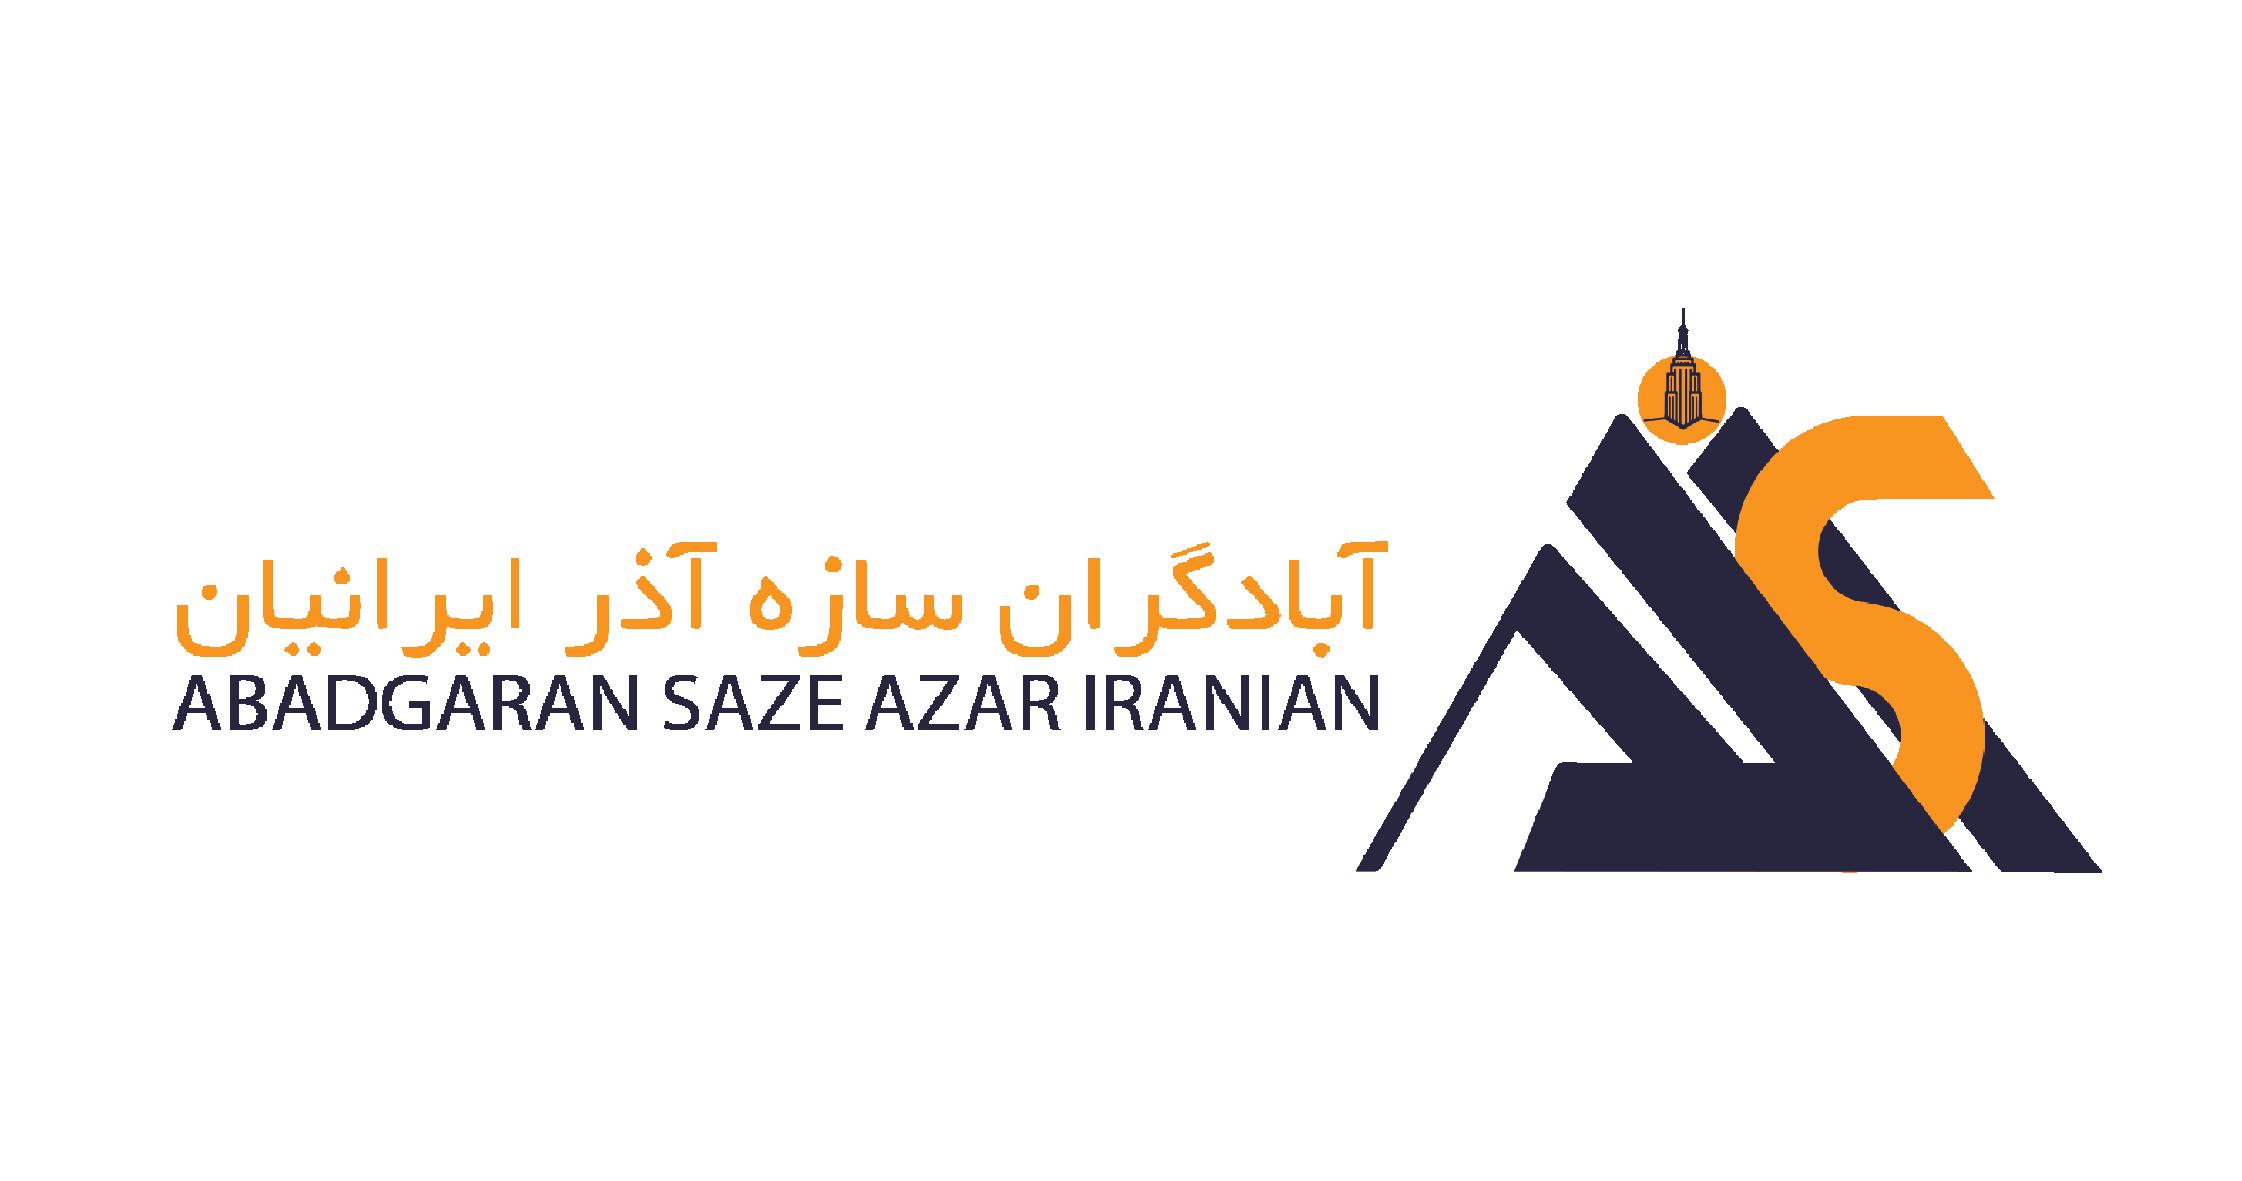 آبادگران سازه آذر ایرانیان